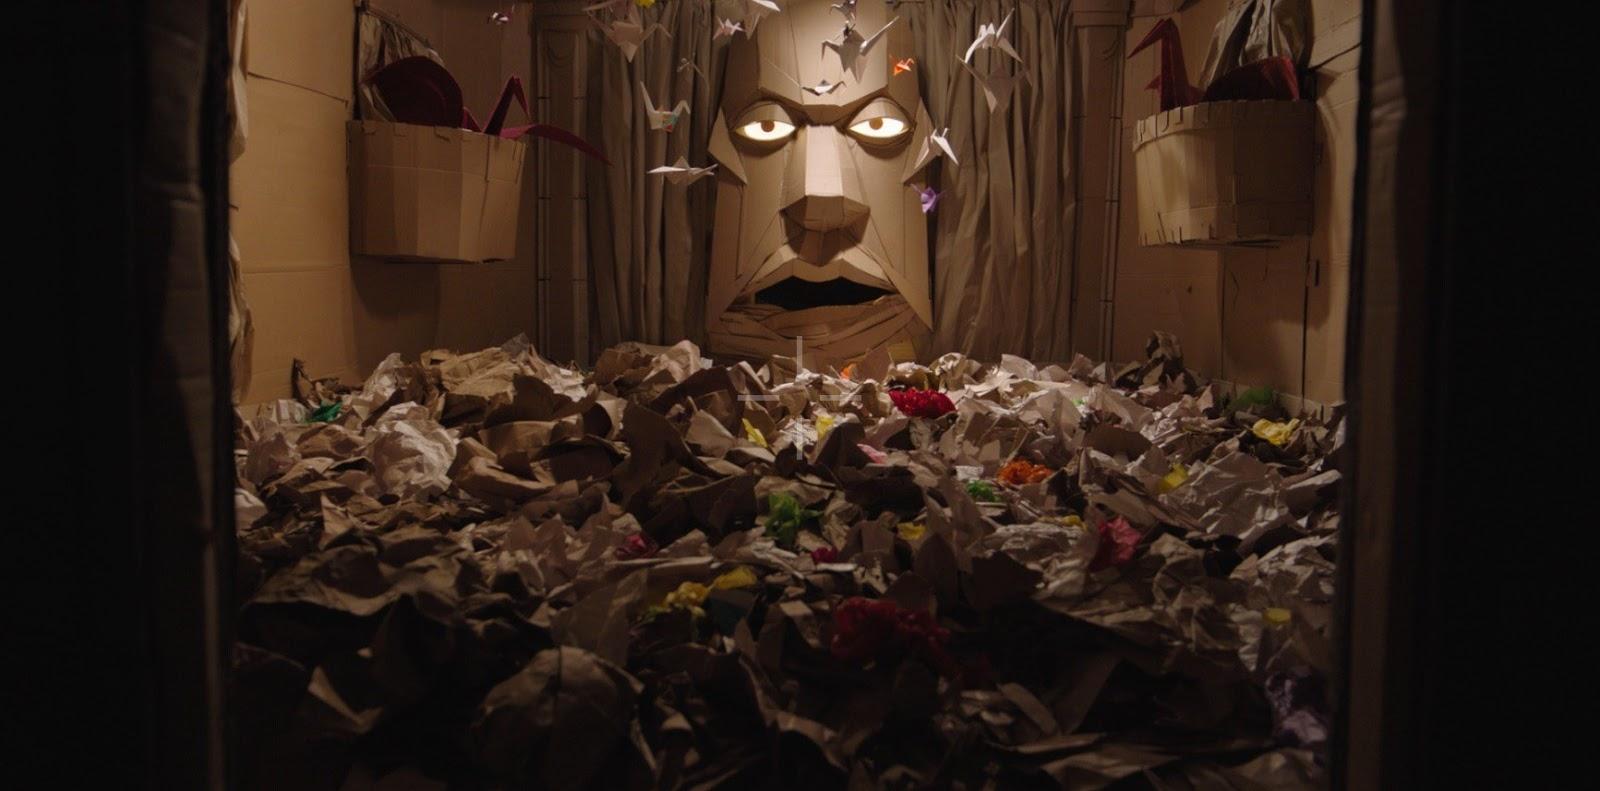 Дэйв сделал лабиринт, Дэйв построил лабиринт, Dave Made a Maze, фэнтези, сказка, фильм ужасов, хоррор, ужастик, фантастика, новая классика, обзор, рецензия, Horror, SciFi, Fantasy, New Classic, Cult Movie, Review